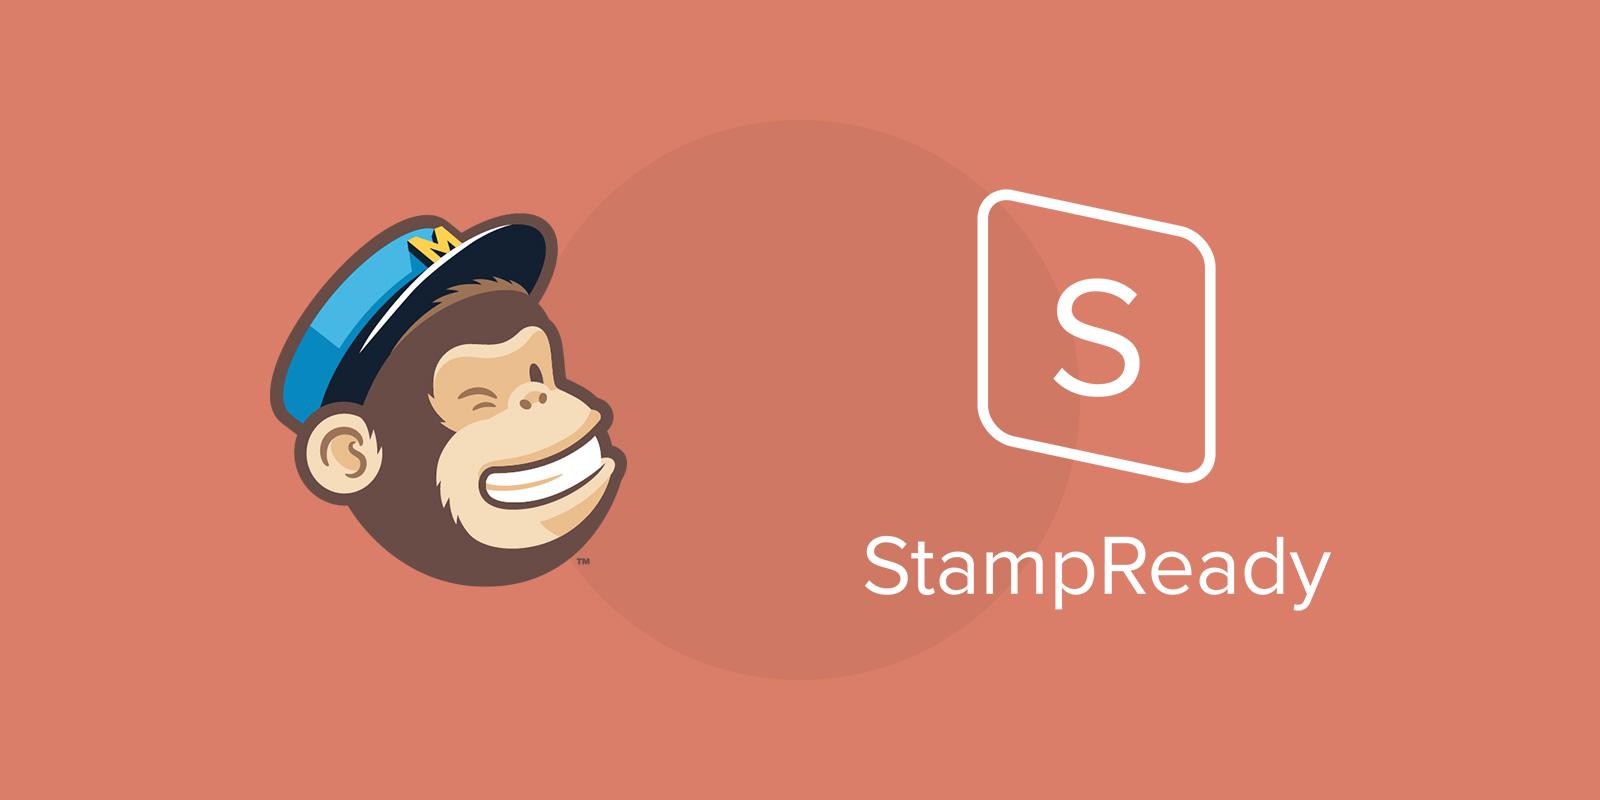 MailChimp vs Stampready